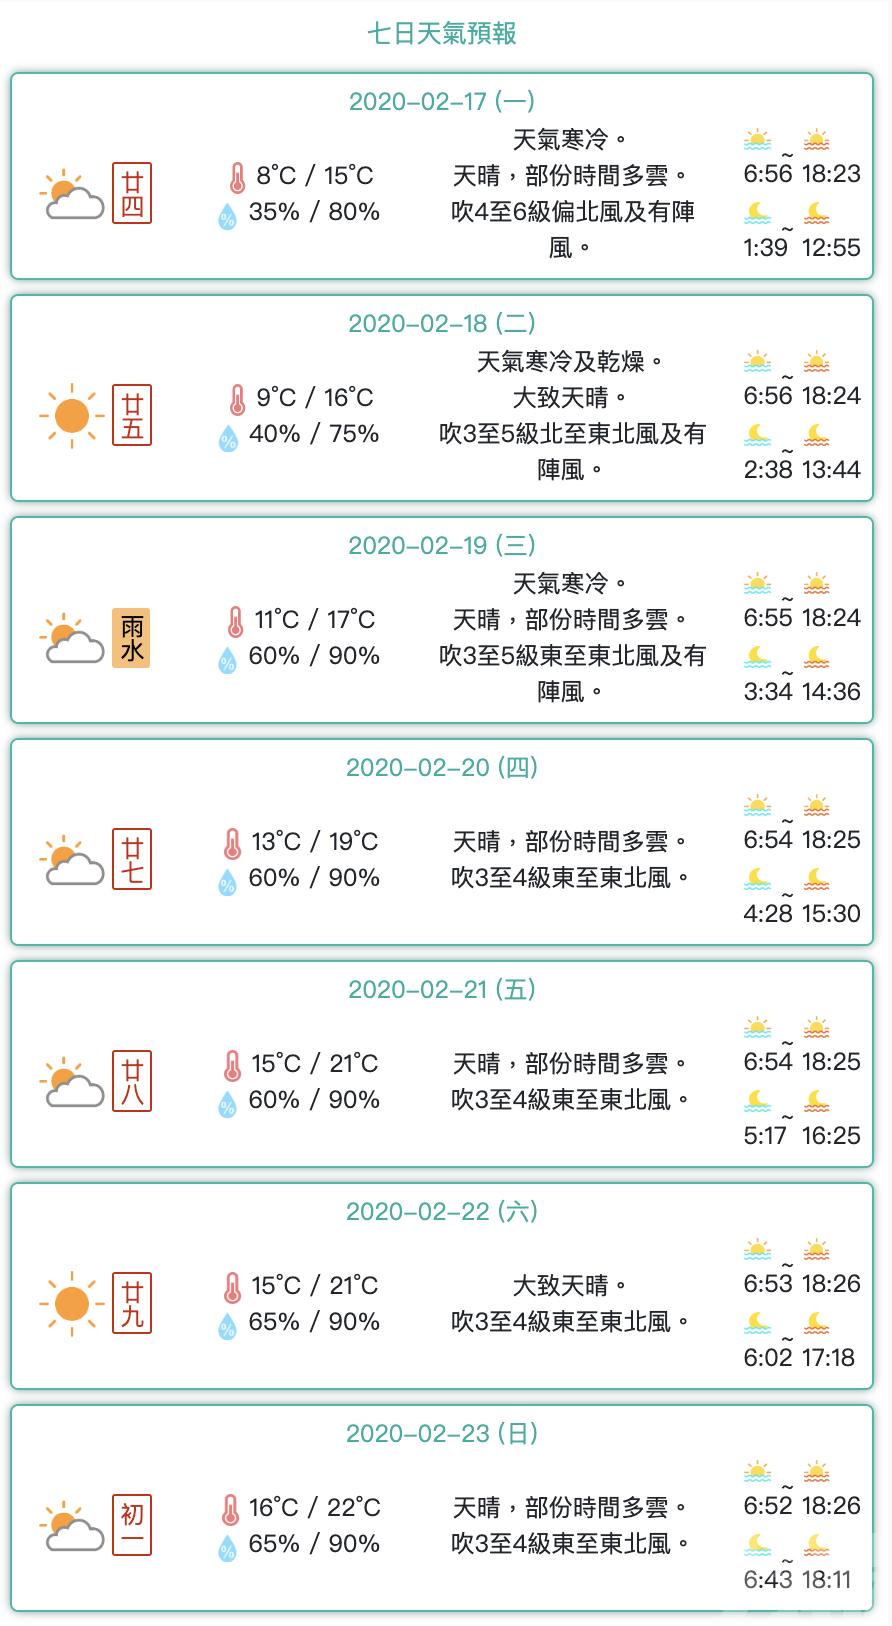 清晨錄得最低溫8.2°C